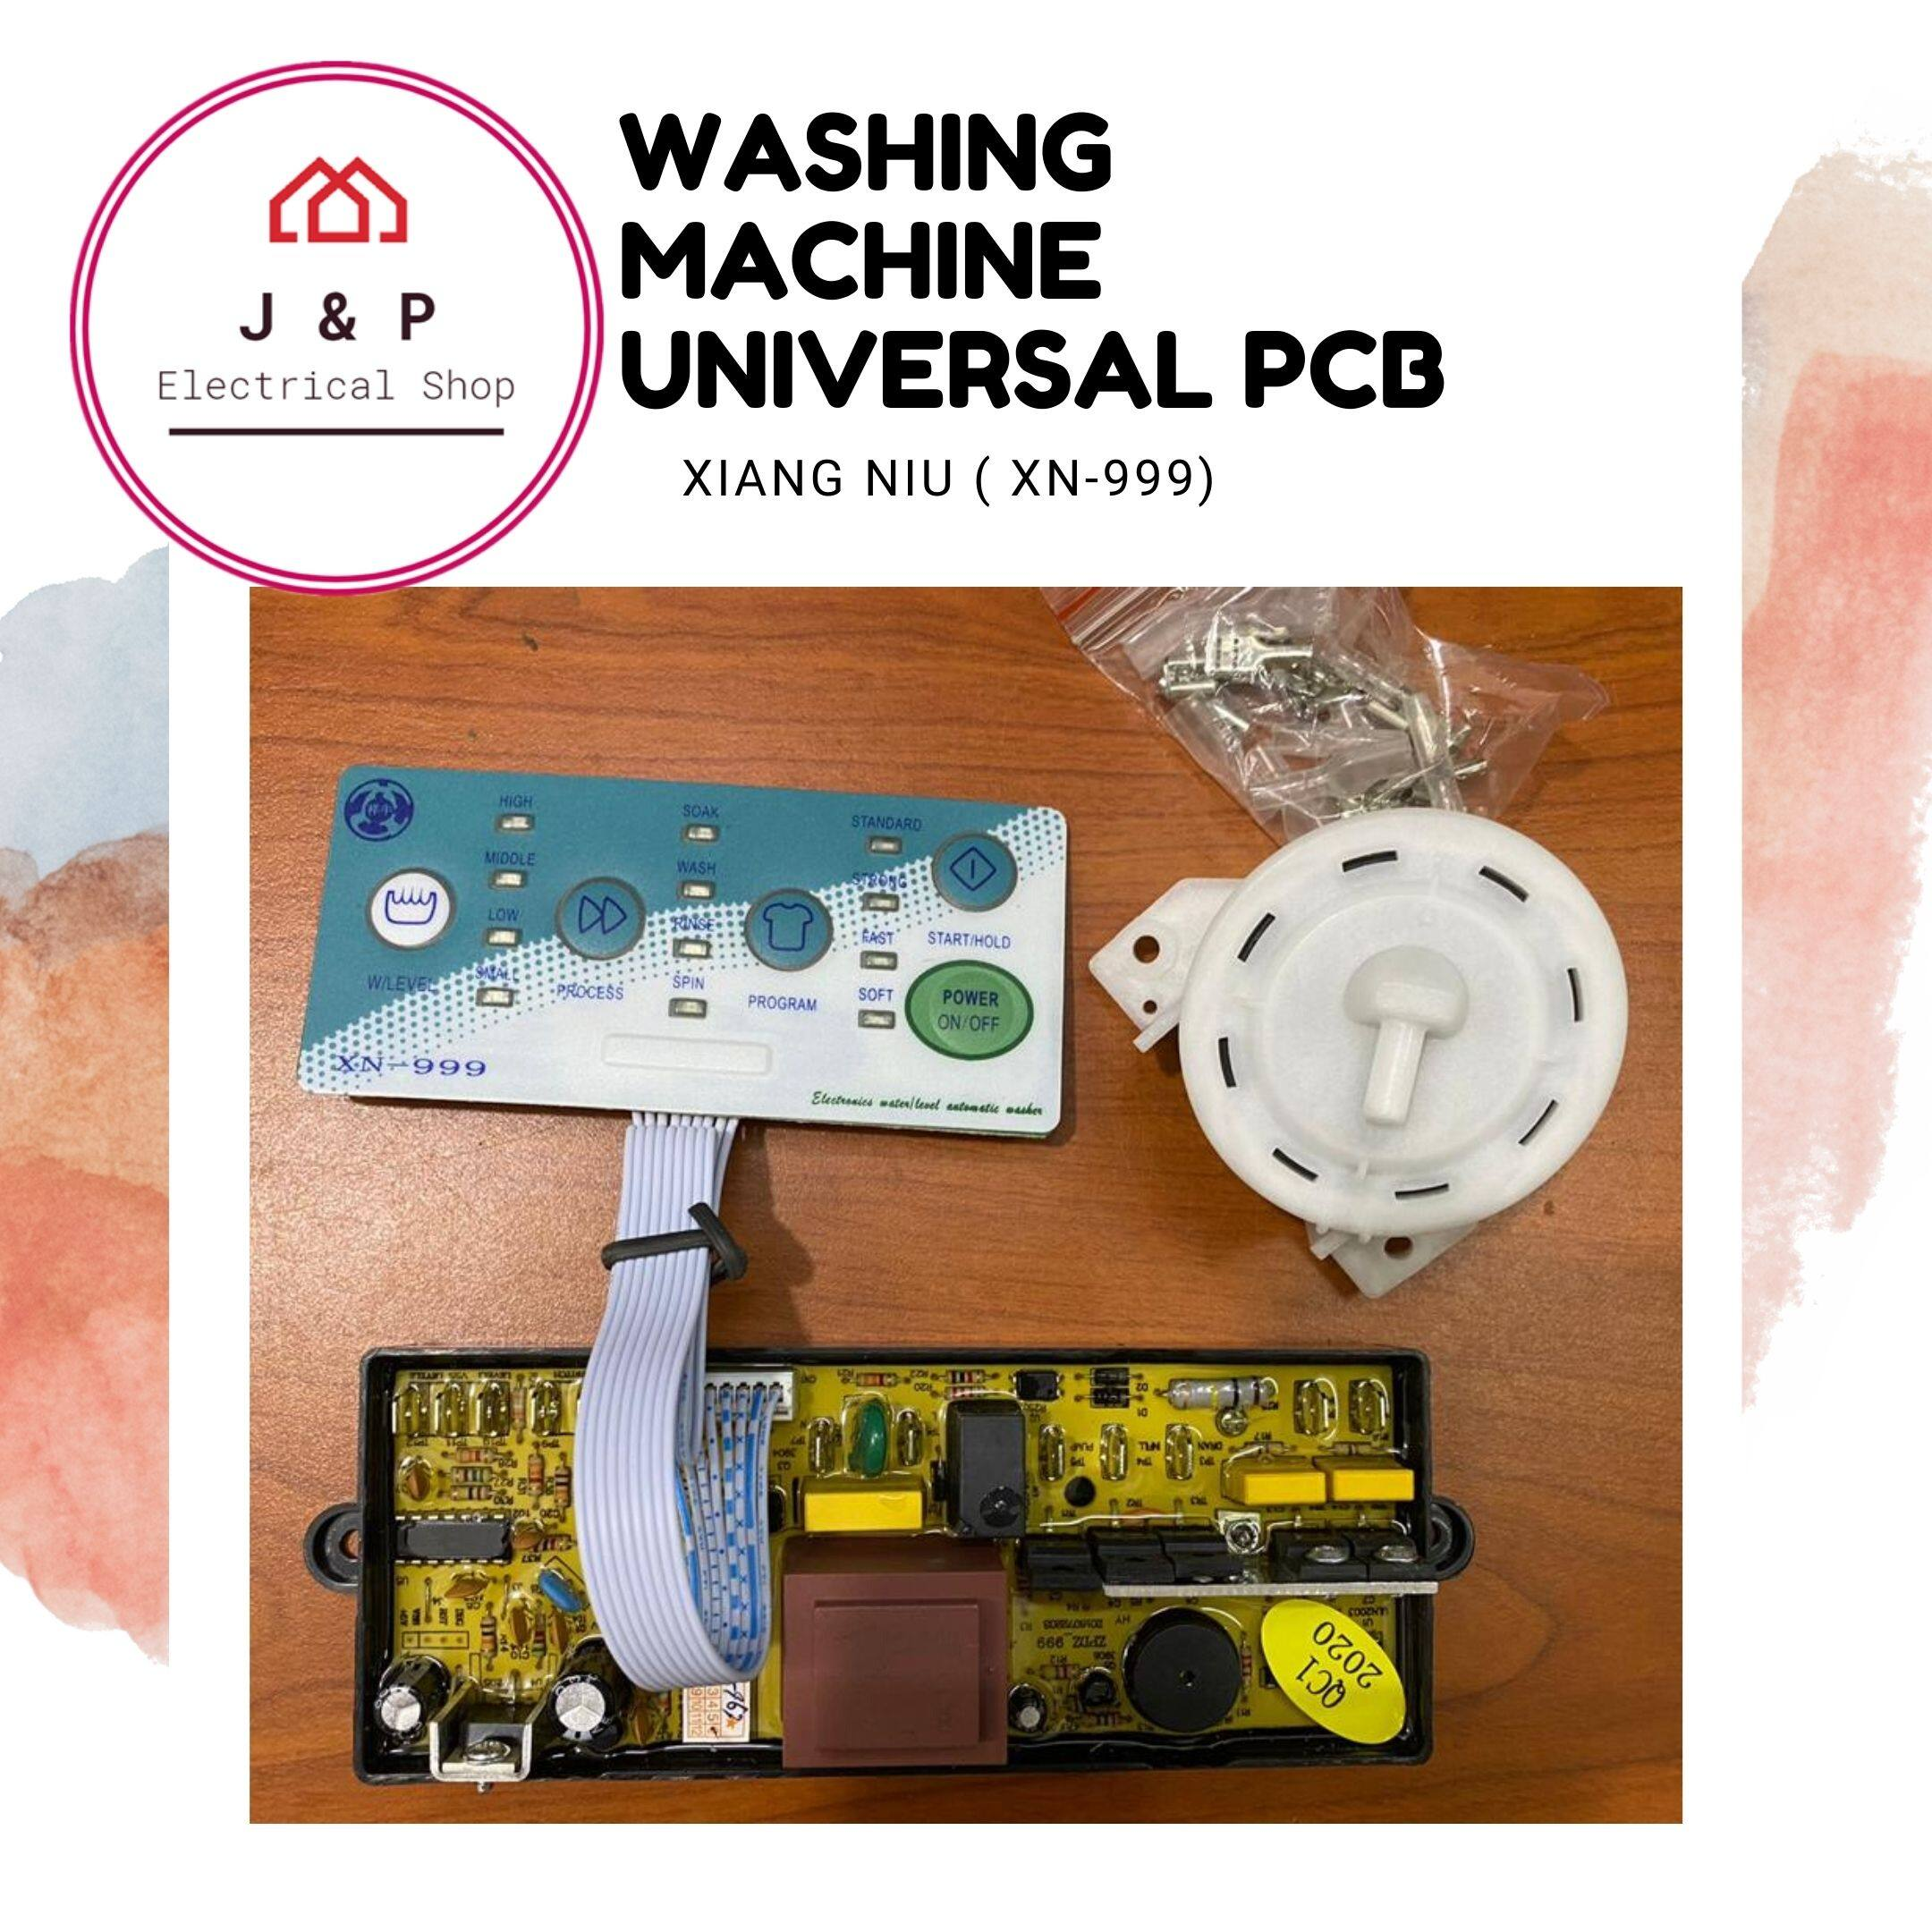 XIANG NIU Washing Machine Universal PCB (XN-999) [ READY STOCK]1357386584-1597911794866-0